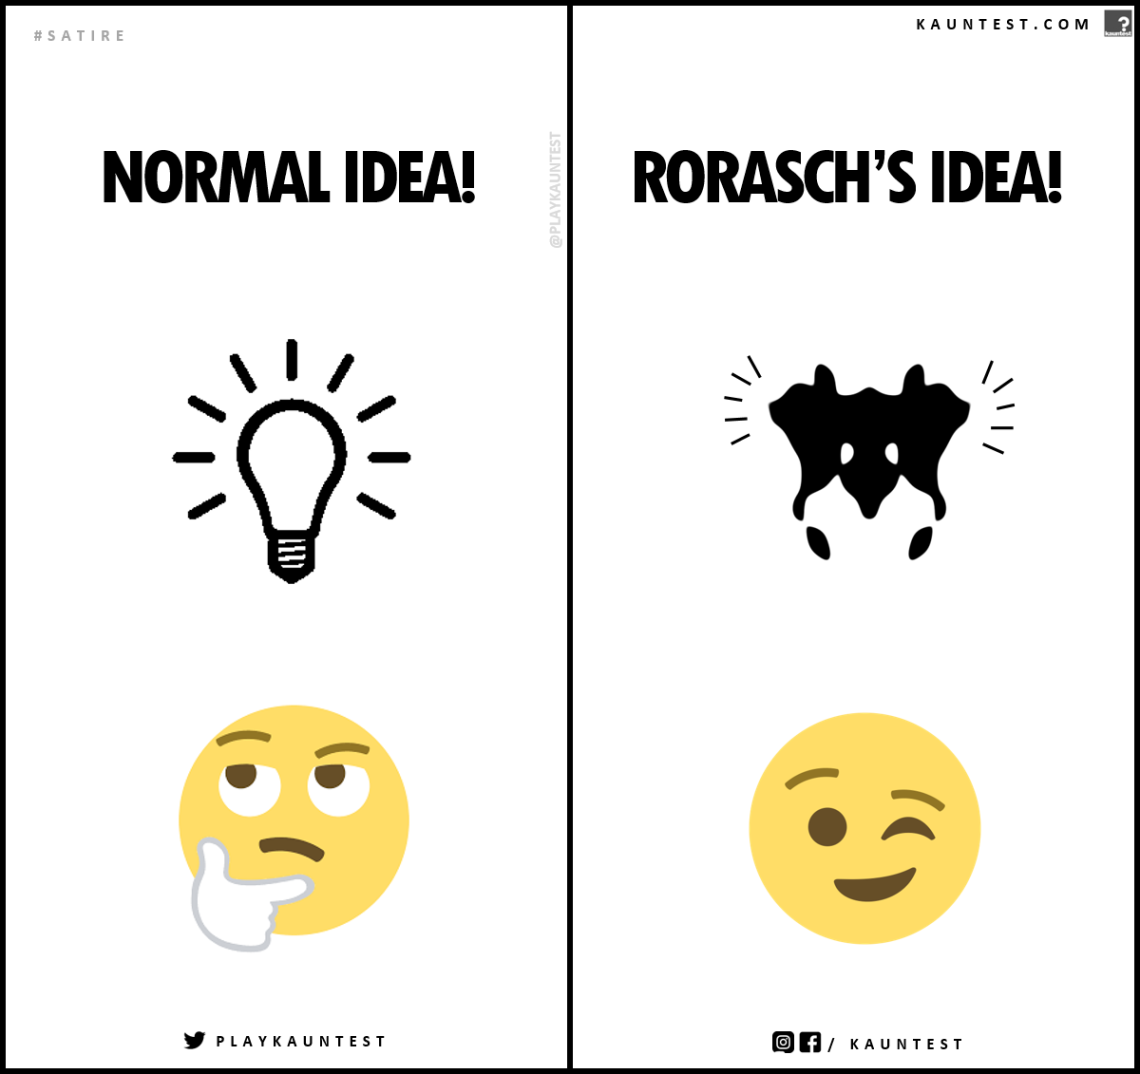 IDEARORASCH